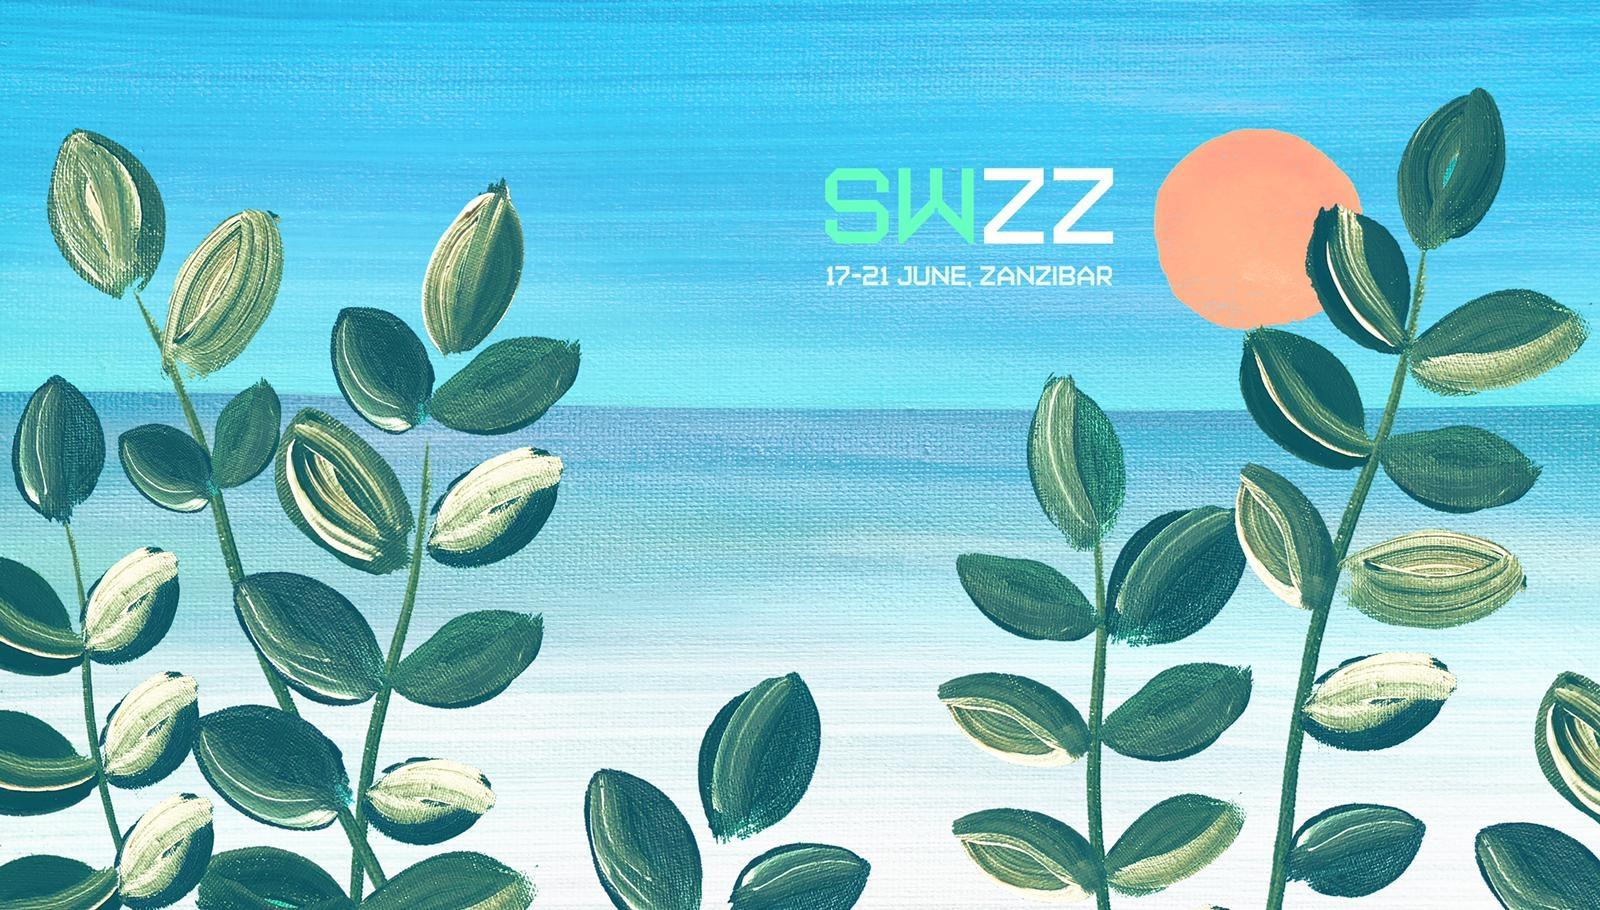 Sunwaves festival - SWZZ 2021 (17-21st of June)